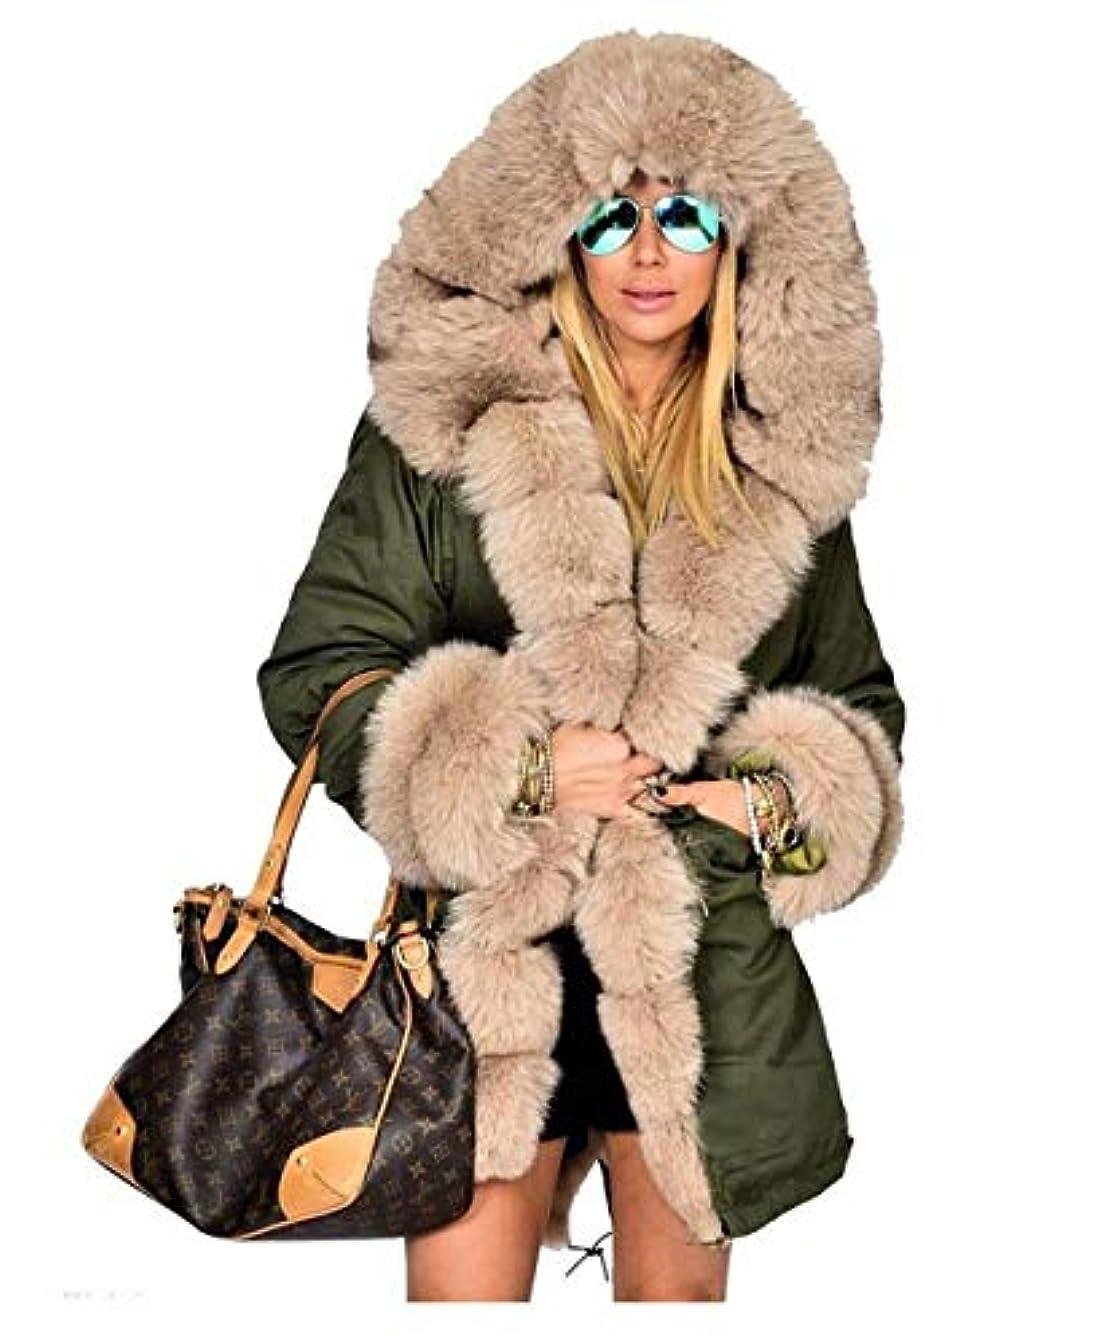 グリップ溶かす習字女性ウィンターコートファーフード付きジャケット女性ロングコットンカジュアルコートレディースウォームウィンターパーカー女性オーバーコート,S